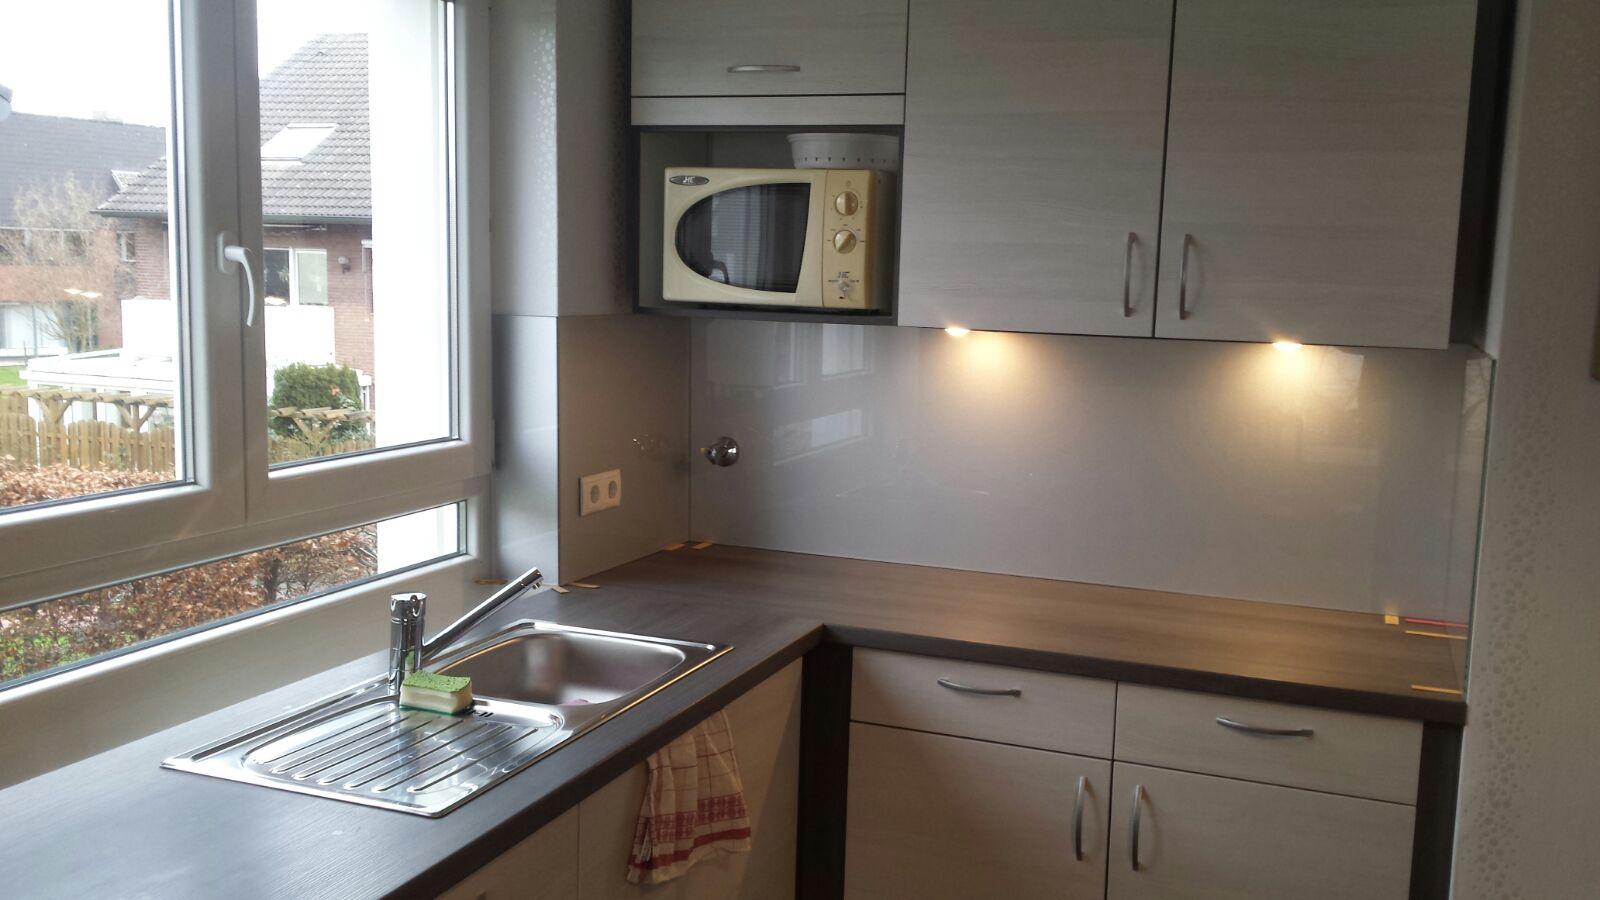 Anfertigung einer Küchenrückwand mit entsprechenden Lochbohrungen Farbwahl des Kunden grau